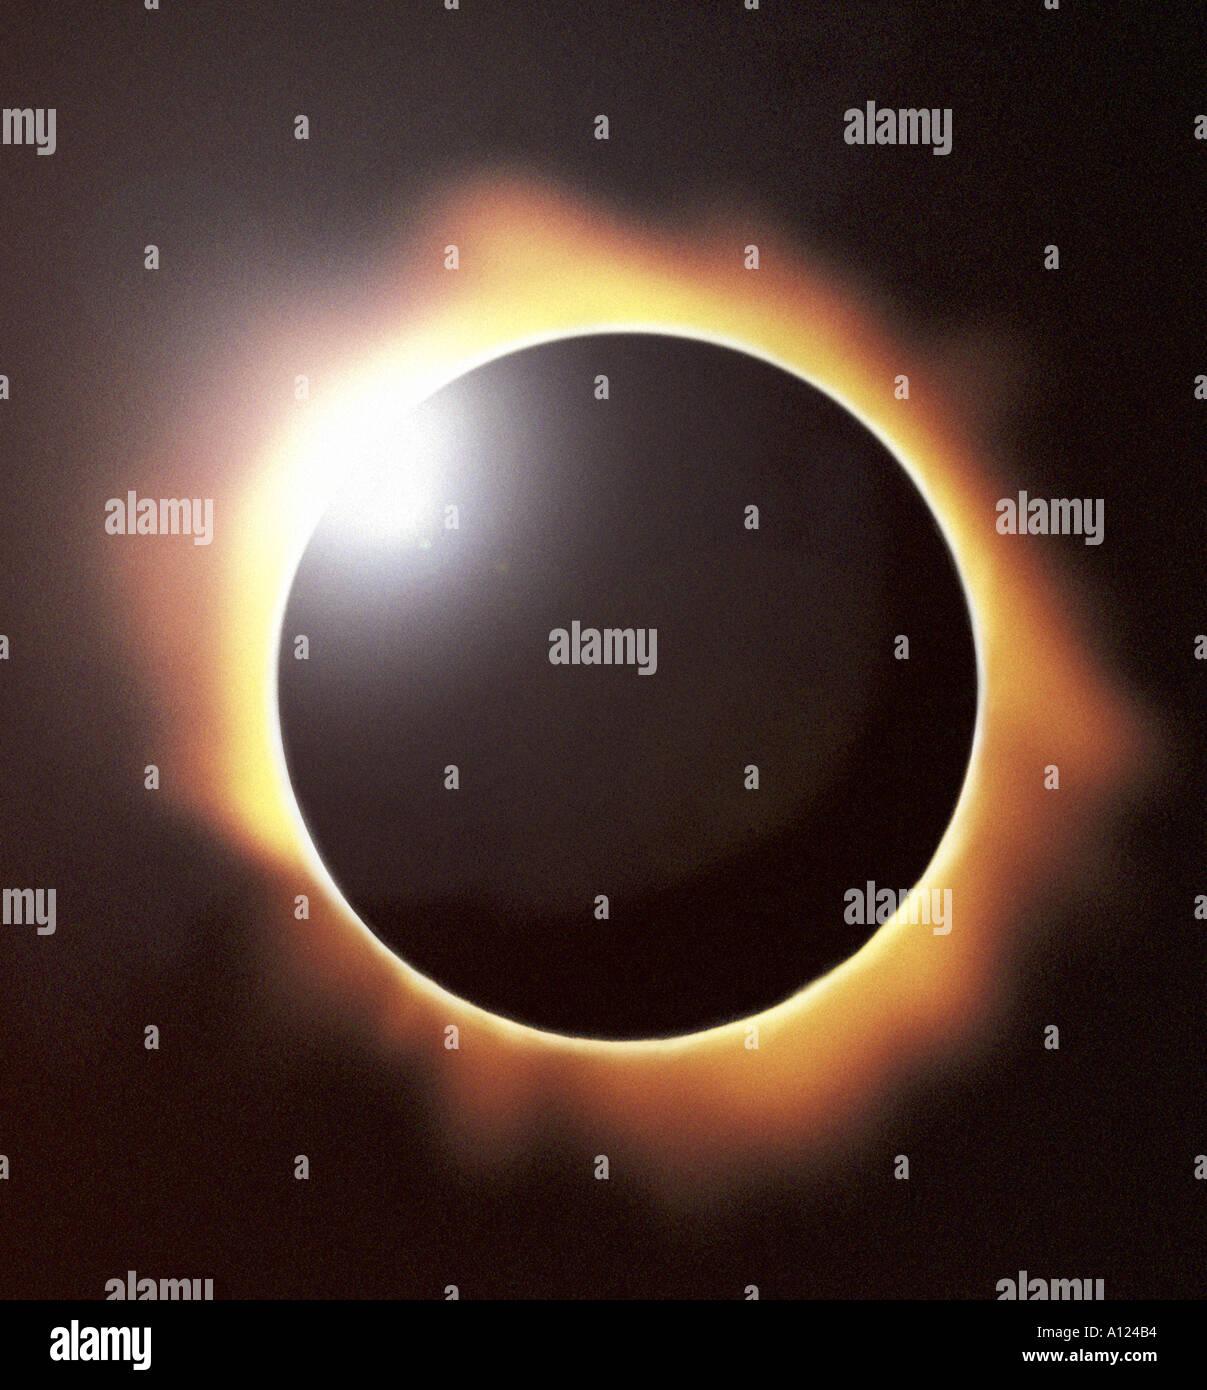 Totale Sonnenfinsternis die Sonne zeigen, Diamant-Ring-Effekt Stockbild